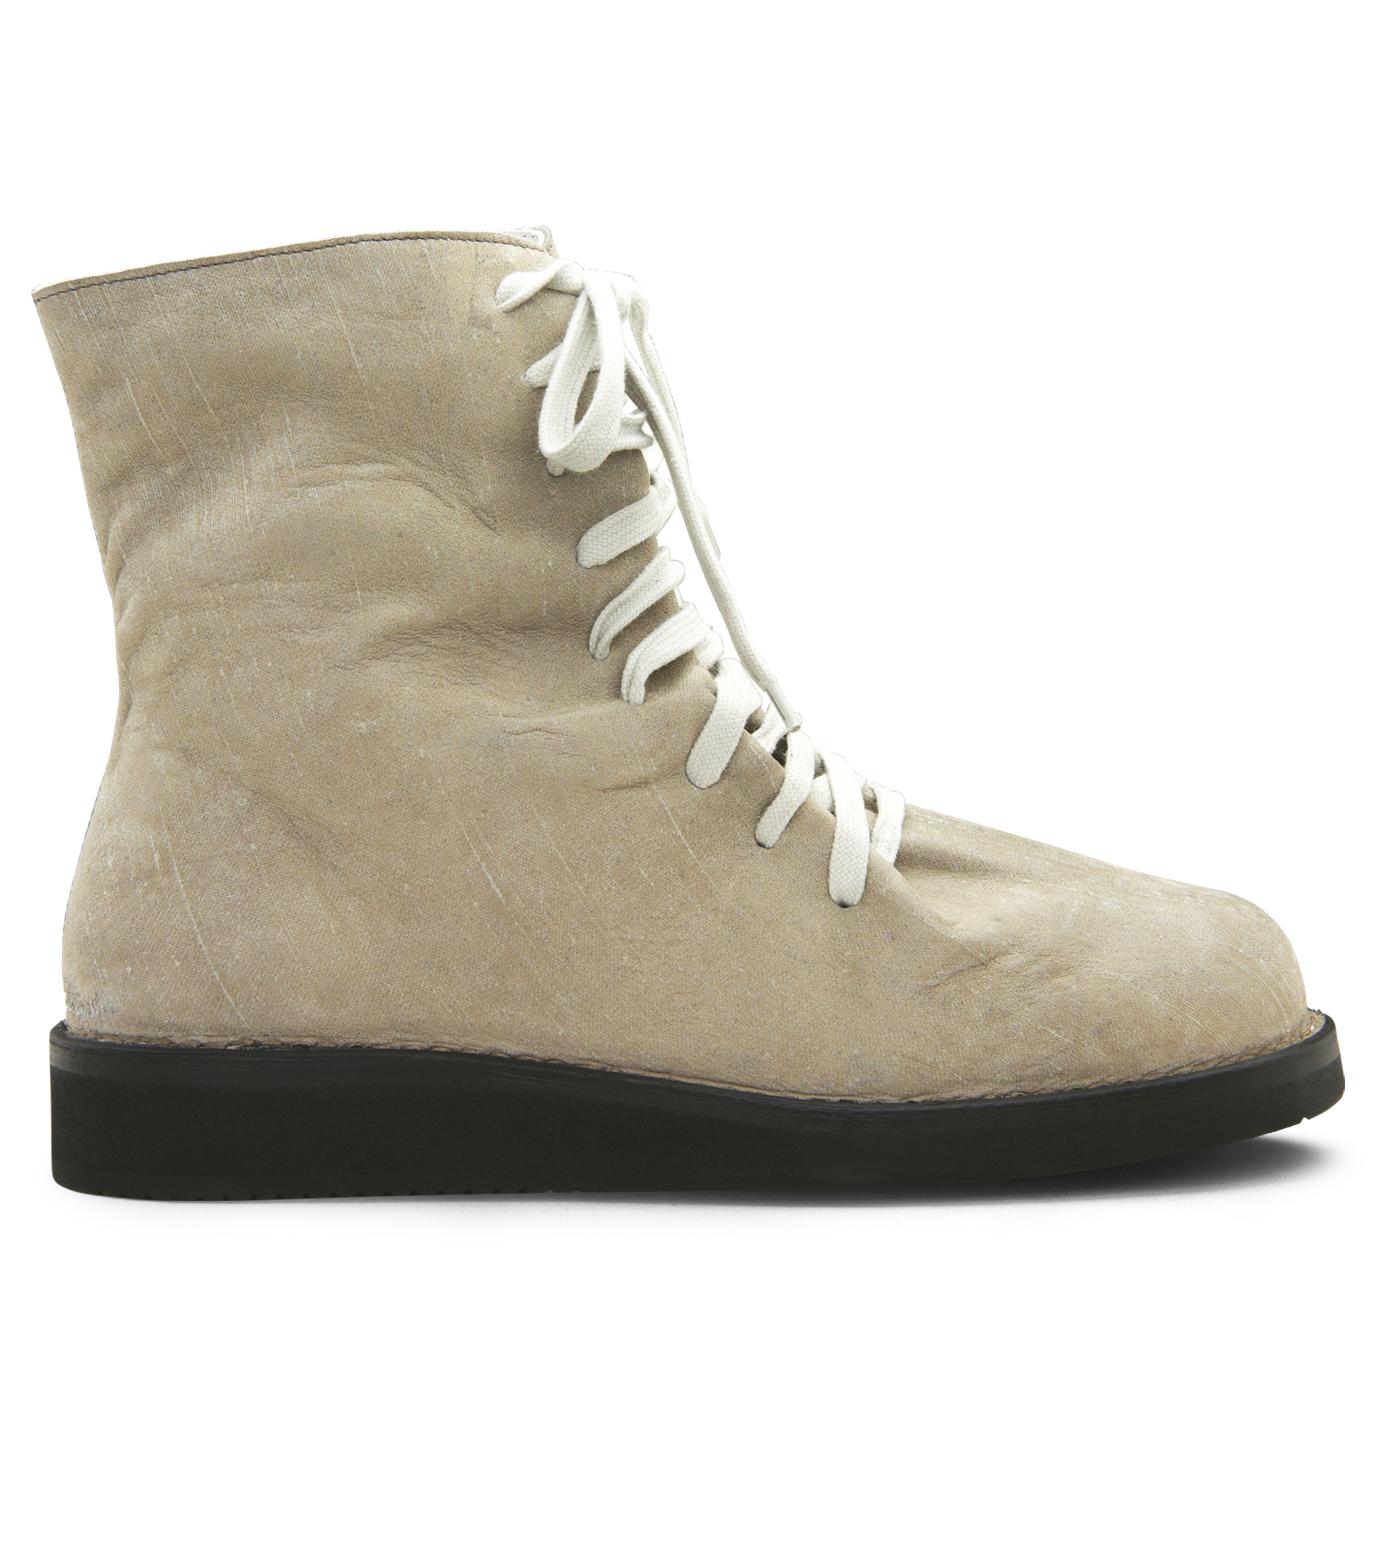 Kris Van Assche(クリスヴァンアッシュ)のLace Up Boots-GRAY-K2793 拡大詳細画像1